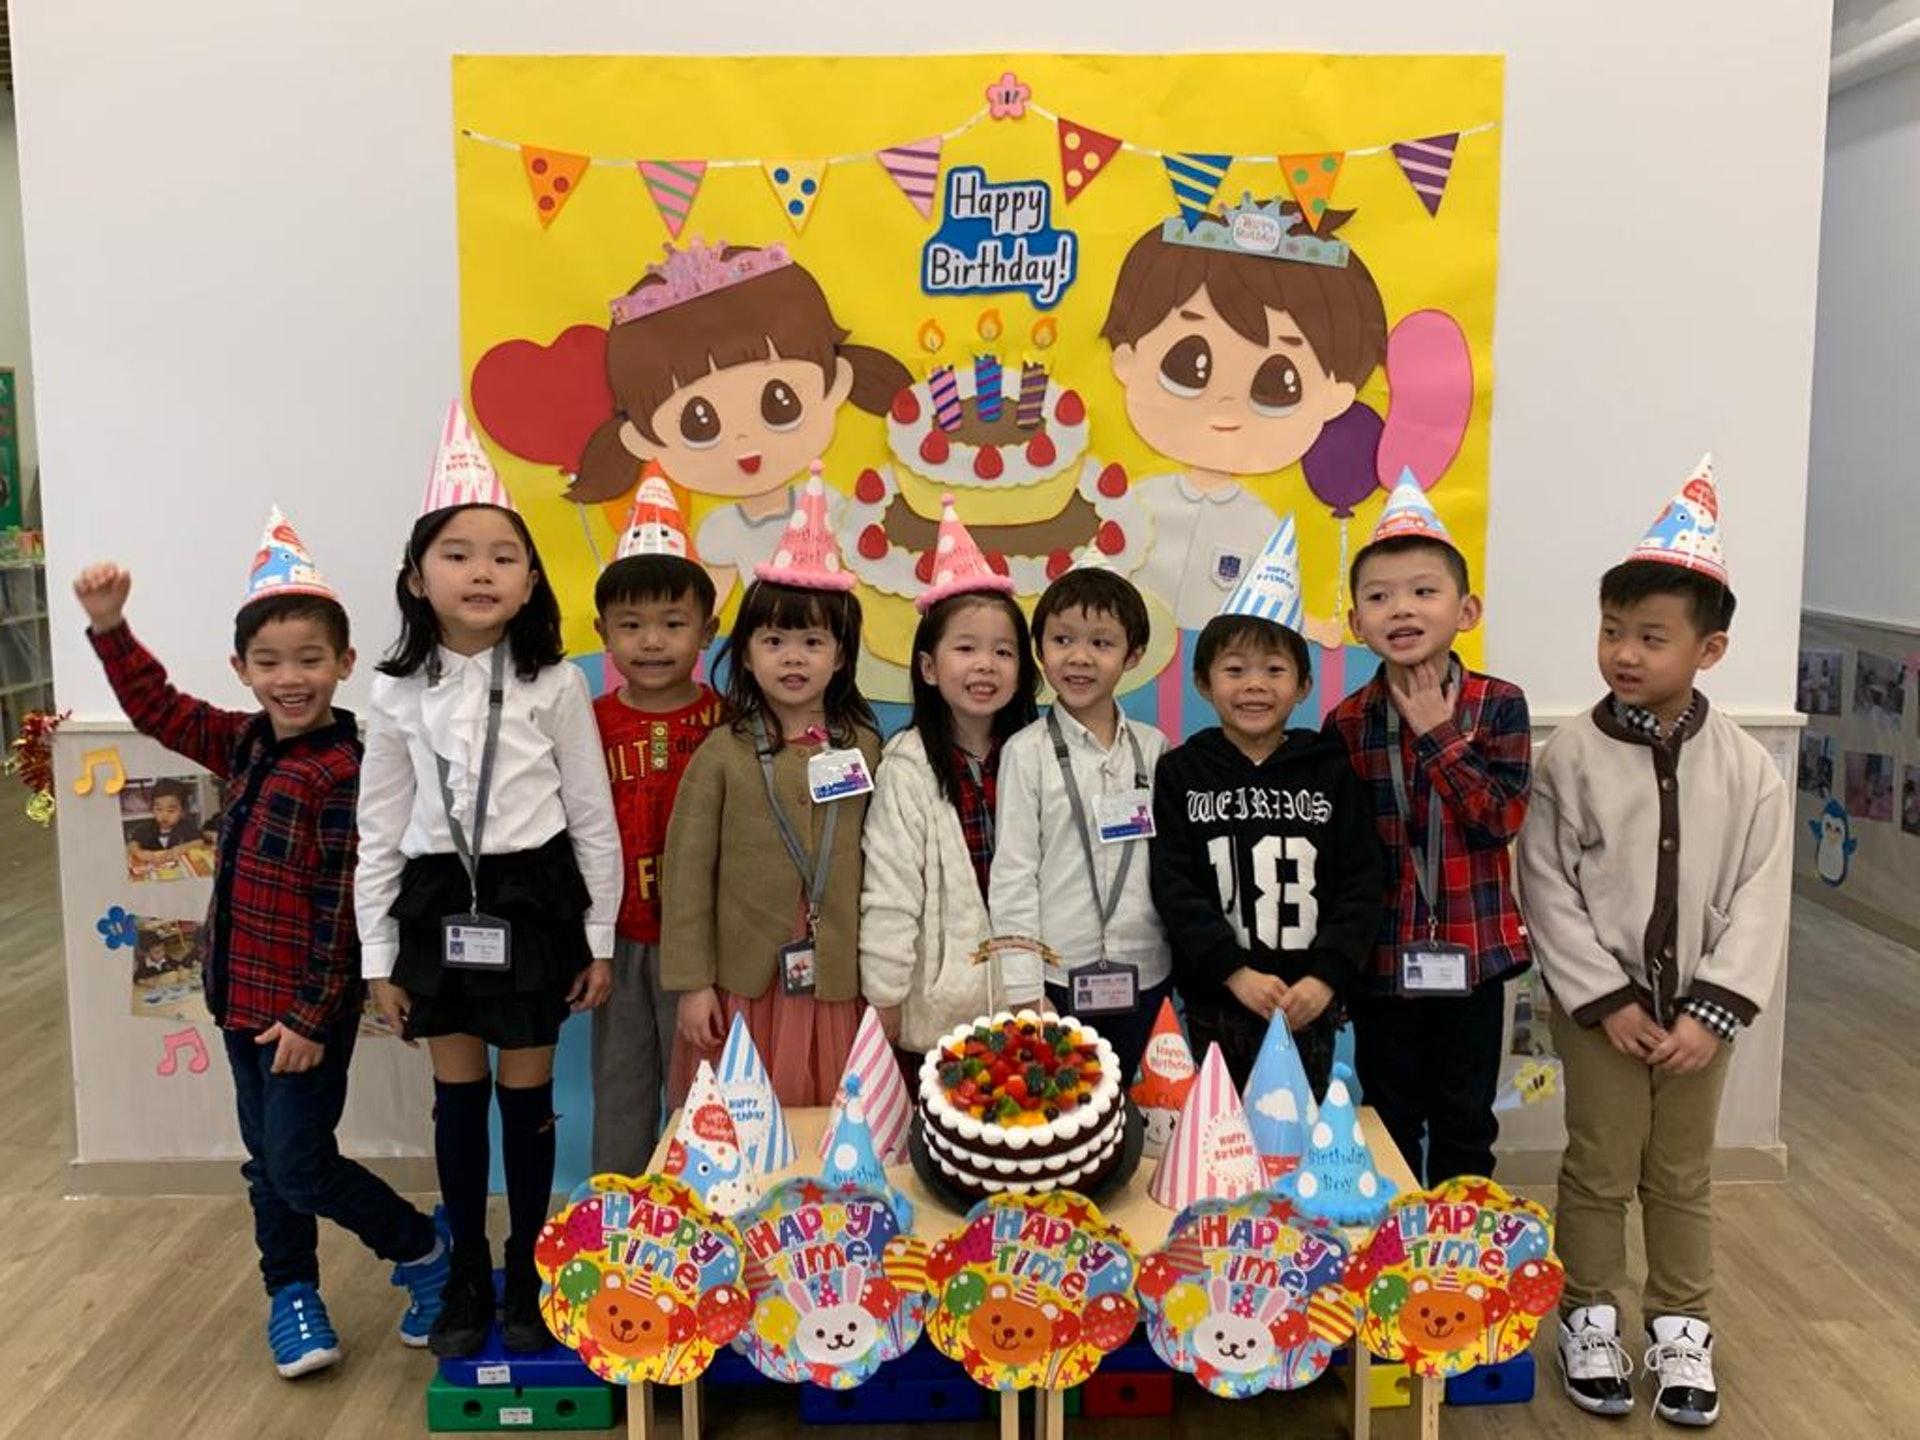 德萃幼稚園將會安排線上生日會,讓學童有機會與他人接觸,認識新朋友。(受訪者提供)